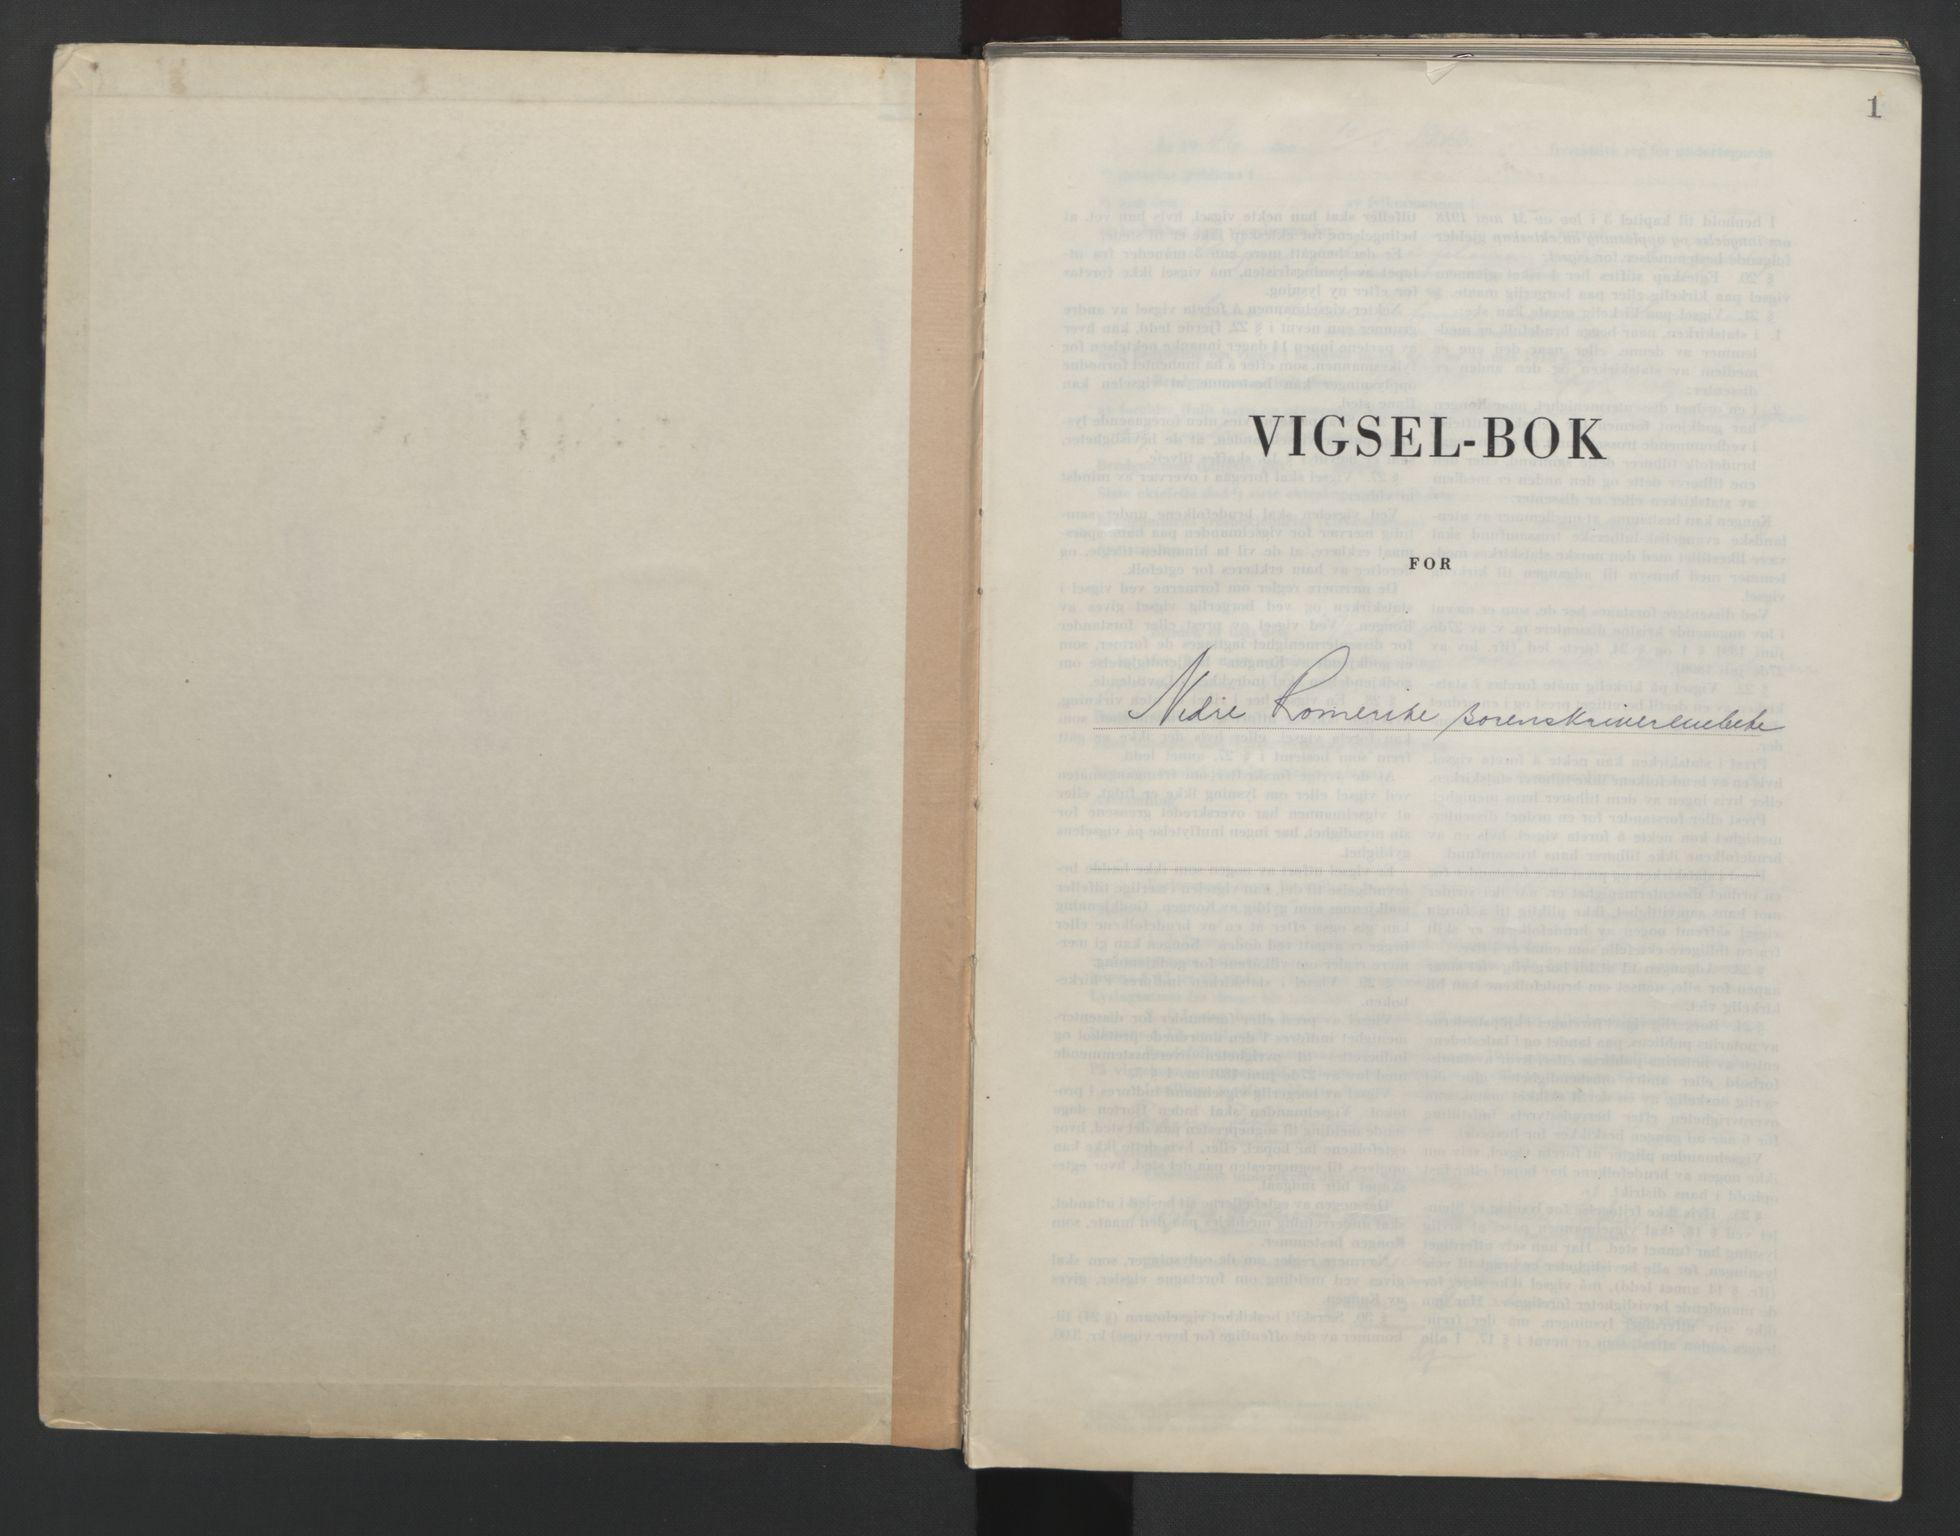 SAO, Nedre Romerike sorenskriveri, L/Lb/L0007: Vigselsbok - borgerlige vielser, 1946-1950, s. 1